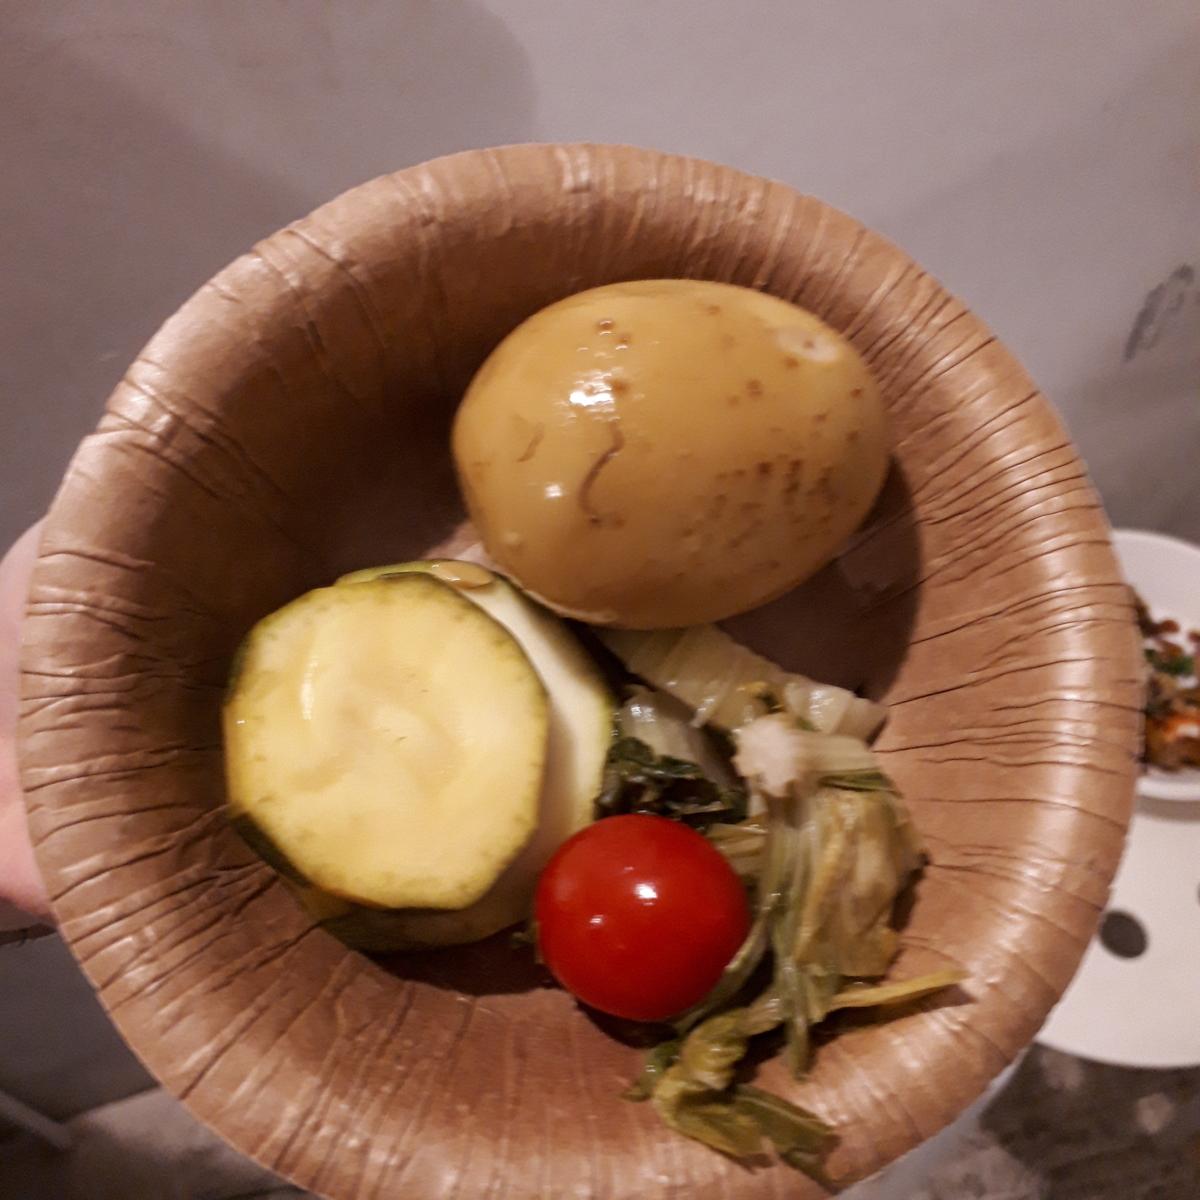 カレー事情聴取スパイス定食&バルVol.6 2019年7月20日 ソラトブスタンド ソラトブの味玉 ピクルスと一緒に